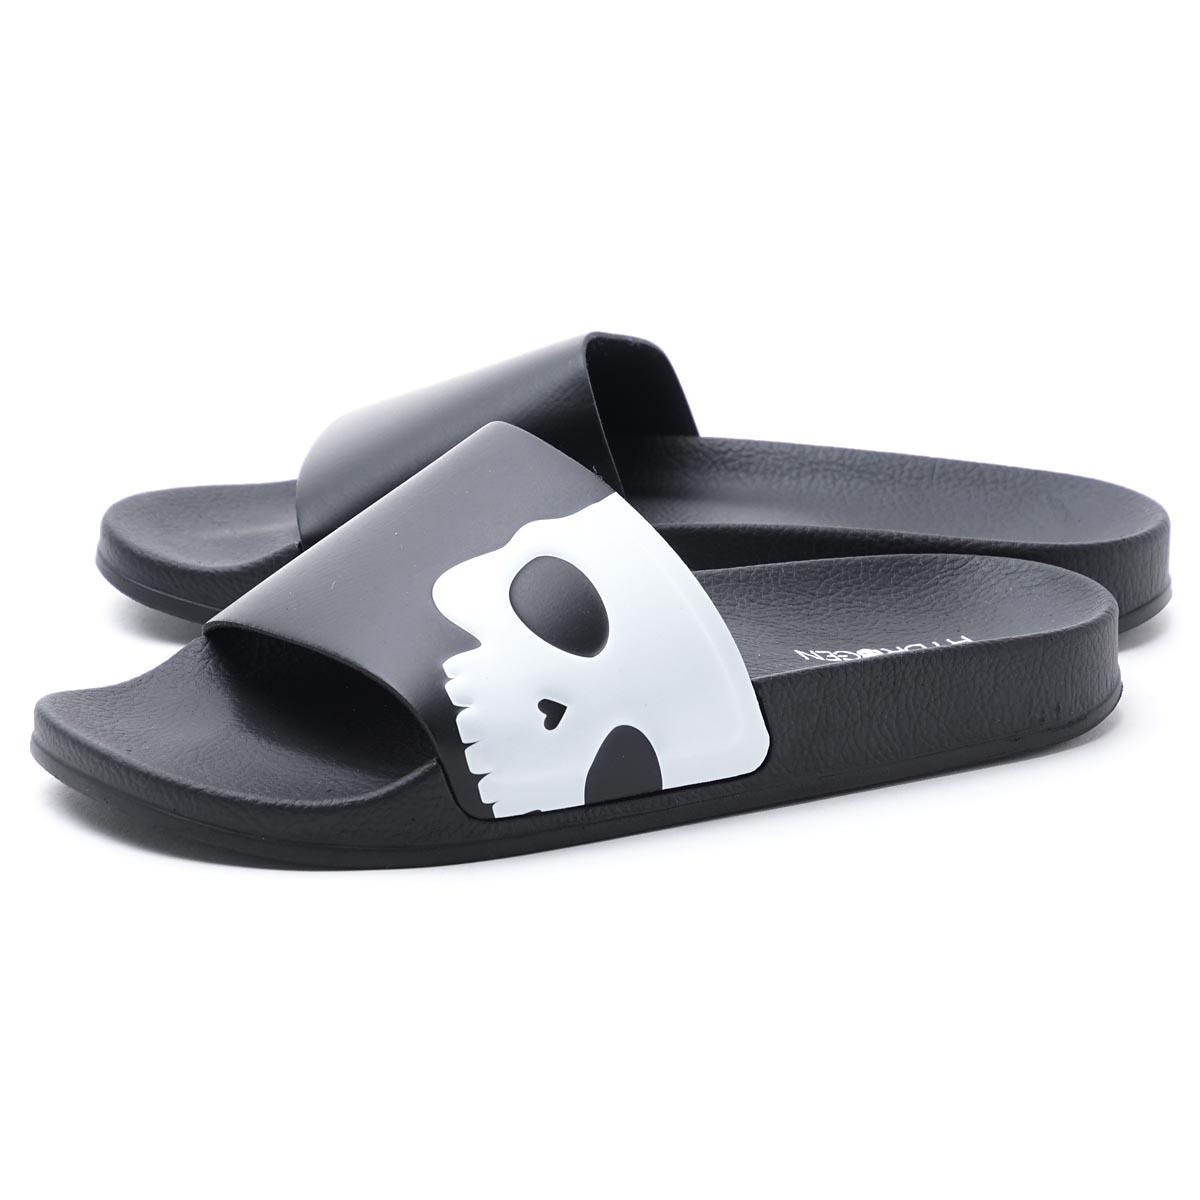 haidorogen HYDROGEN凉鞋无扣便鞋SLIPPERS BLACK黑色派203960 007人